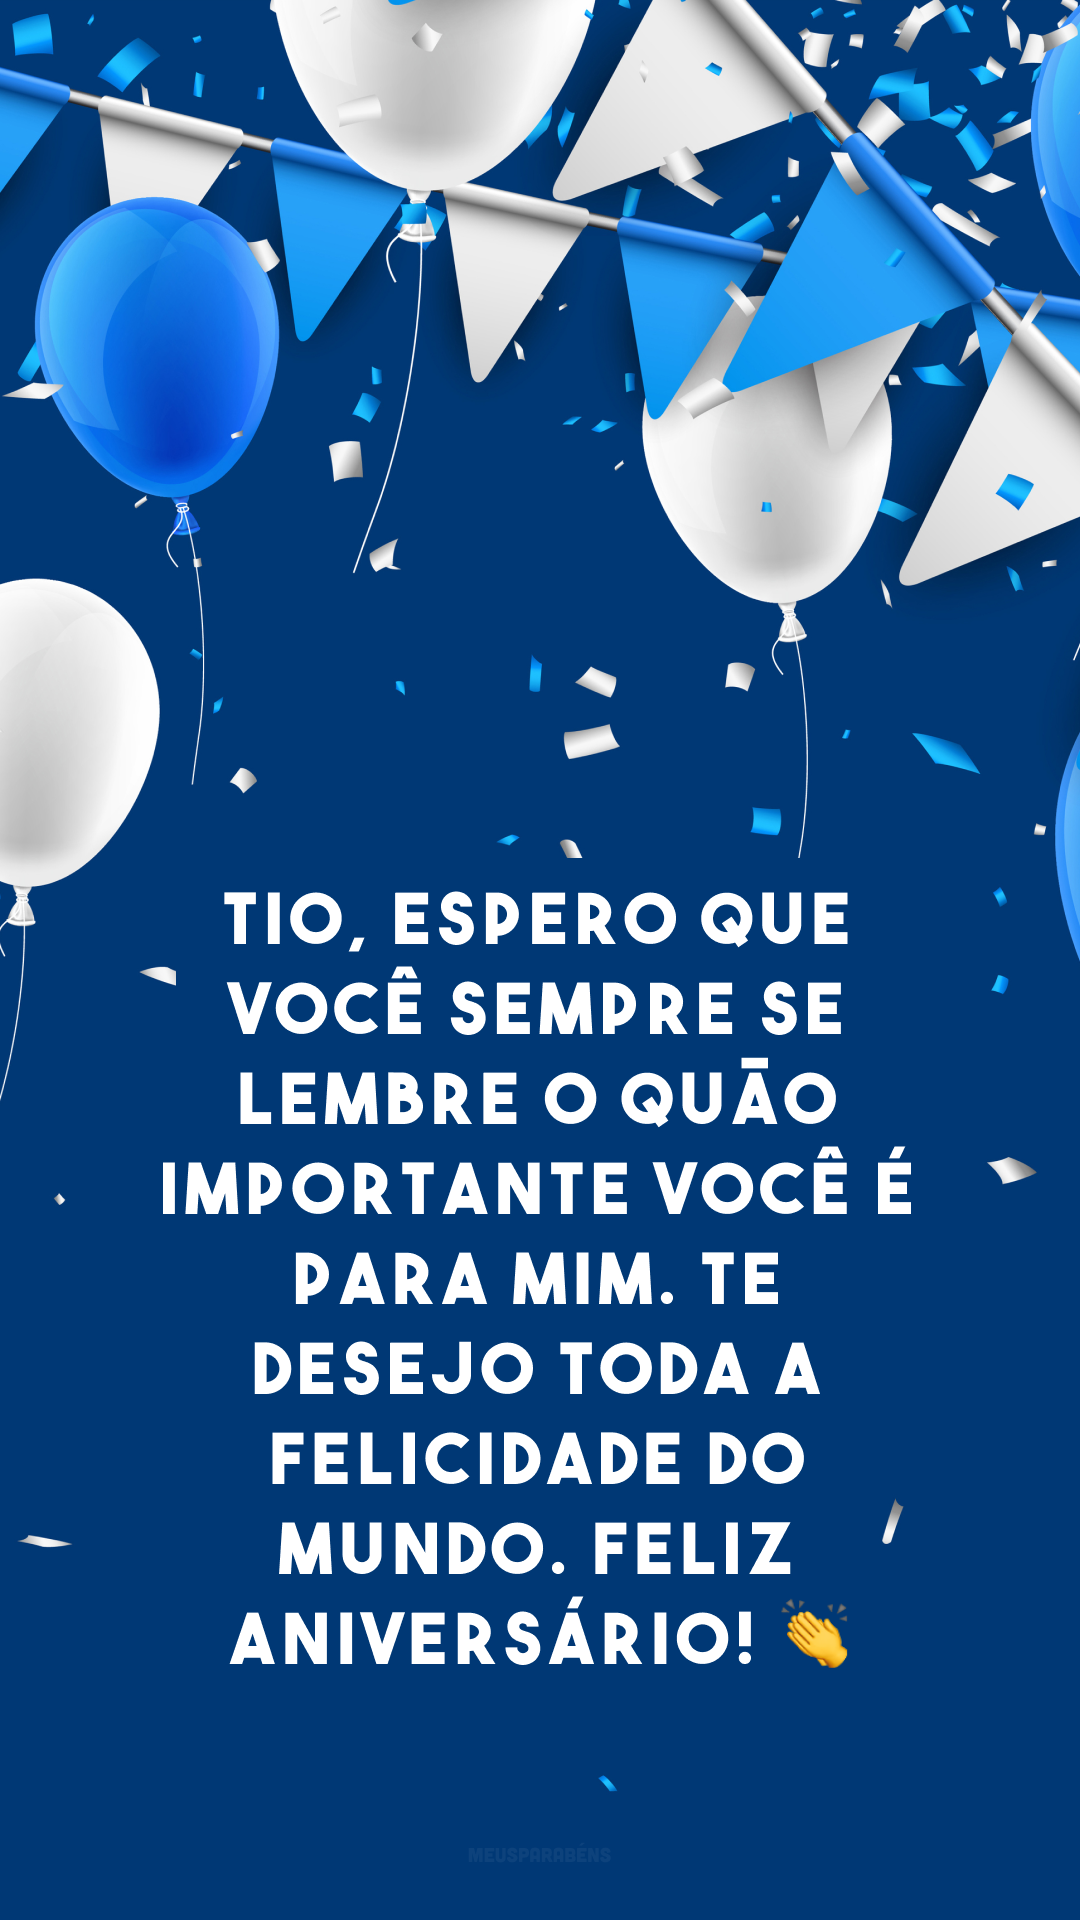 Tio, espero que você sempre se lembre o quão importante você é para mim. Te desejo toda a felicidade do mundo. Feliz aniversário! 👏